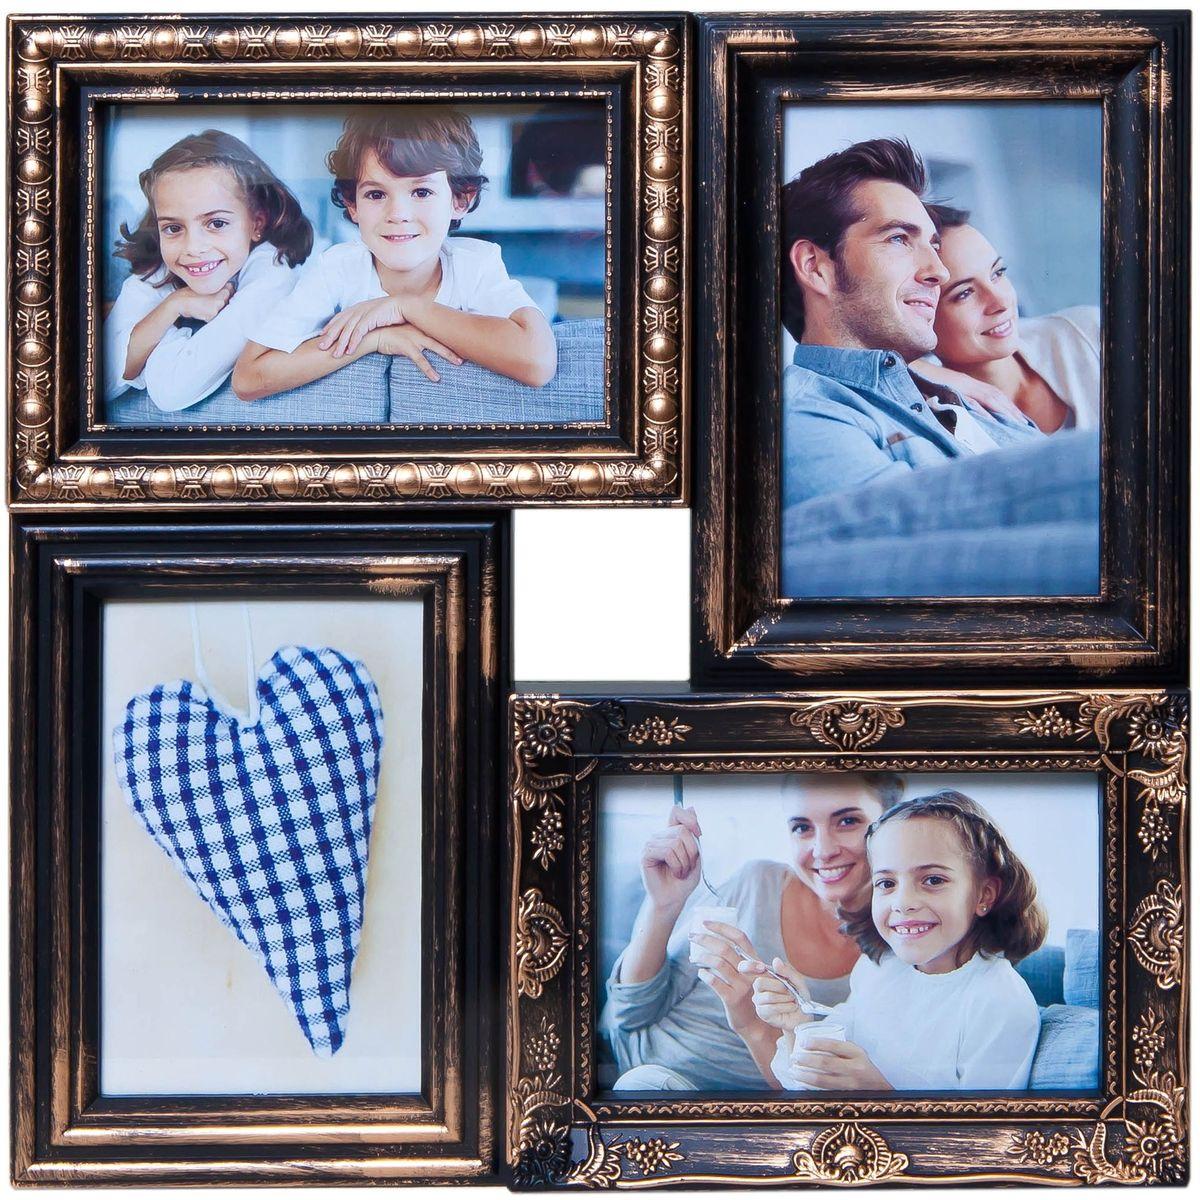 Коллаж Platinum, цвет: черный, золотистый, 4 фоторамки. BIN-112181PLATINUM BH-1315-White-БелыйПластиковый коллаж с 4 фото 10х15.